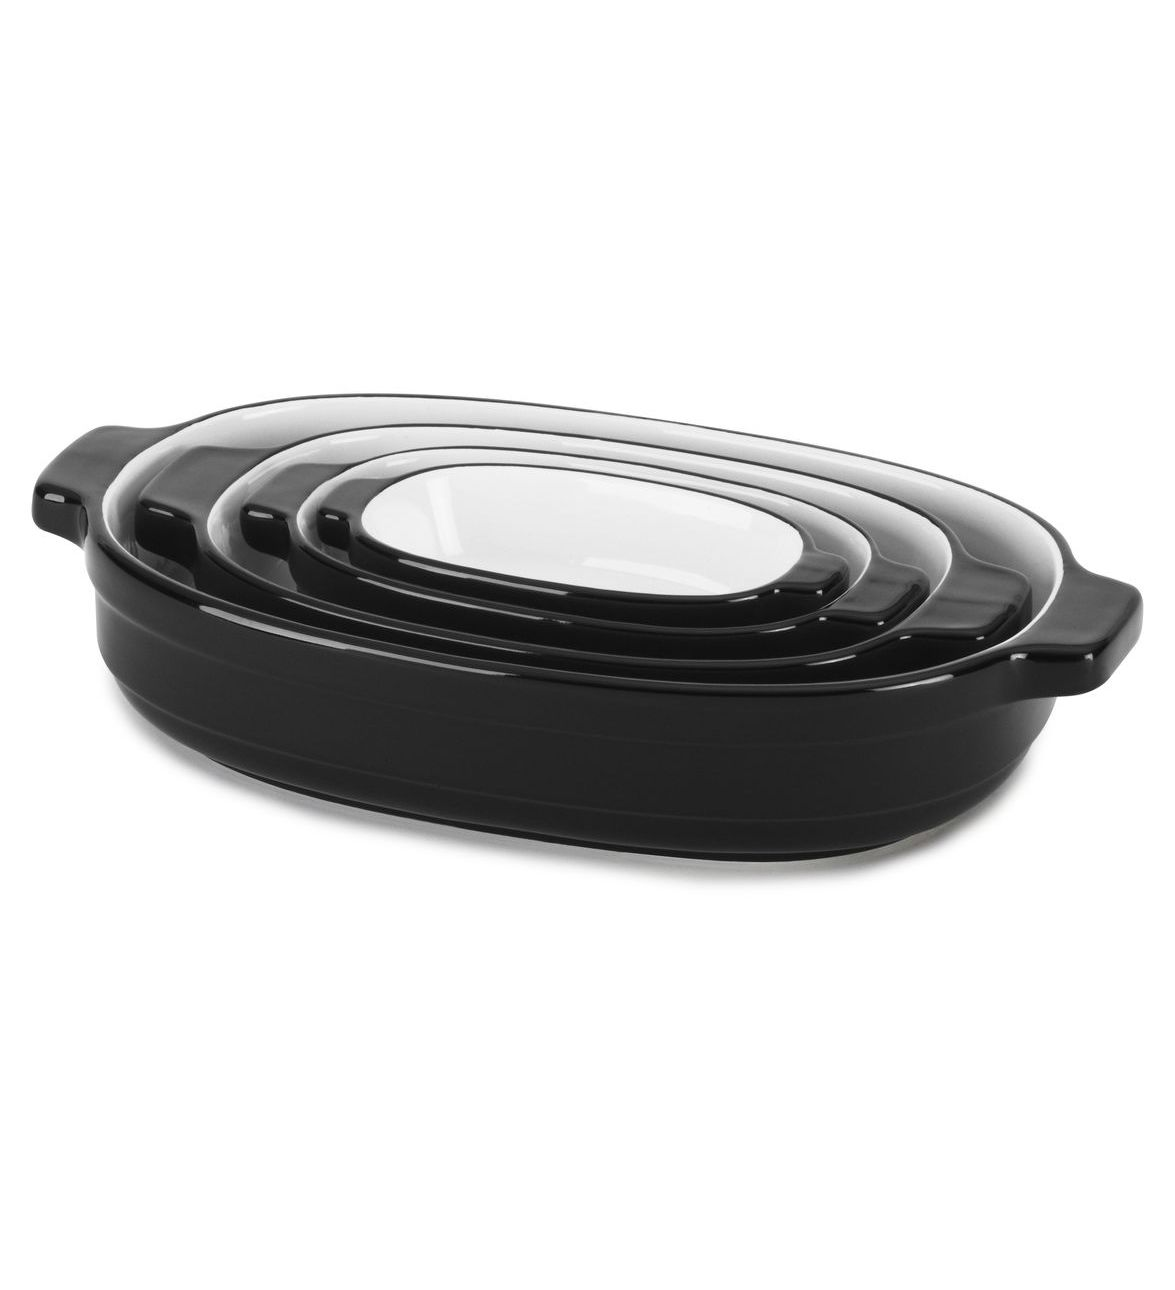 Набор керамических кастрюль (4 шт.), 0,5/0,9/1,8/3,3 л., черный, KBLR04NSOB, KitchenAidКерамическая посуда<br>УЖЕ В ПРОДАЖЕ!&#13;<br>Удобные и современные, керамические кастрюли KitchenAid требуют минимум места для хранения и идеально подходят как для запекания, так и для хранения, заморозки и разогревания блюд.Набор из 4-х кастрюль KitchenAid – это вещь, которую необходимо иметь на кухне каждому поклоннику домашней кулинарии.&#13;<br>&#13;<br>Керамические кастрюли изготавливаются из высококачественной глины, которая запекается при температуре свыше 1300оС. Такая посуда имеет плотную непористую структуру, не впитывает запахи, вкусы, жиры и легко моется.&#13;<br>Гладкая глазированная поверхность обладает естественными антипригарными свойствами, не подвержена трещинам и царапинам, не окрашивается.&#13;<br>Керамическая посуда удерживает тепло в несколько раз дольше, чем металлическая и идеально подходит для приготовления таких блюд как лазанья, коблер, различных запеканок и пирогов.&#13;<br>Эргономичные ручки удобны при перемещении посуды.&#13;<br>Современный дизайн кастрюль позволяет подавать ваши любимые блюда из духовки прямо на стол.&#13;<br>Керамические кастрюли можно мыть в посудомоечной машине, использовать в микроволновой печи и помещать в морозильную камеру.&#13;<br>Предлагаемые расцветки гармонируют с цветами кухонной техники KitchenAid&#13;<br><br>